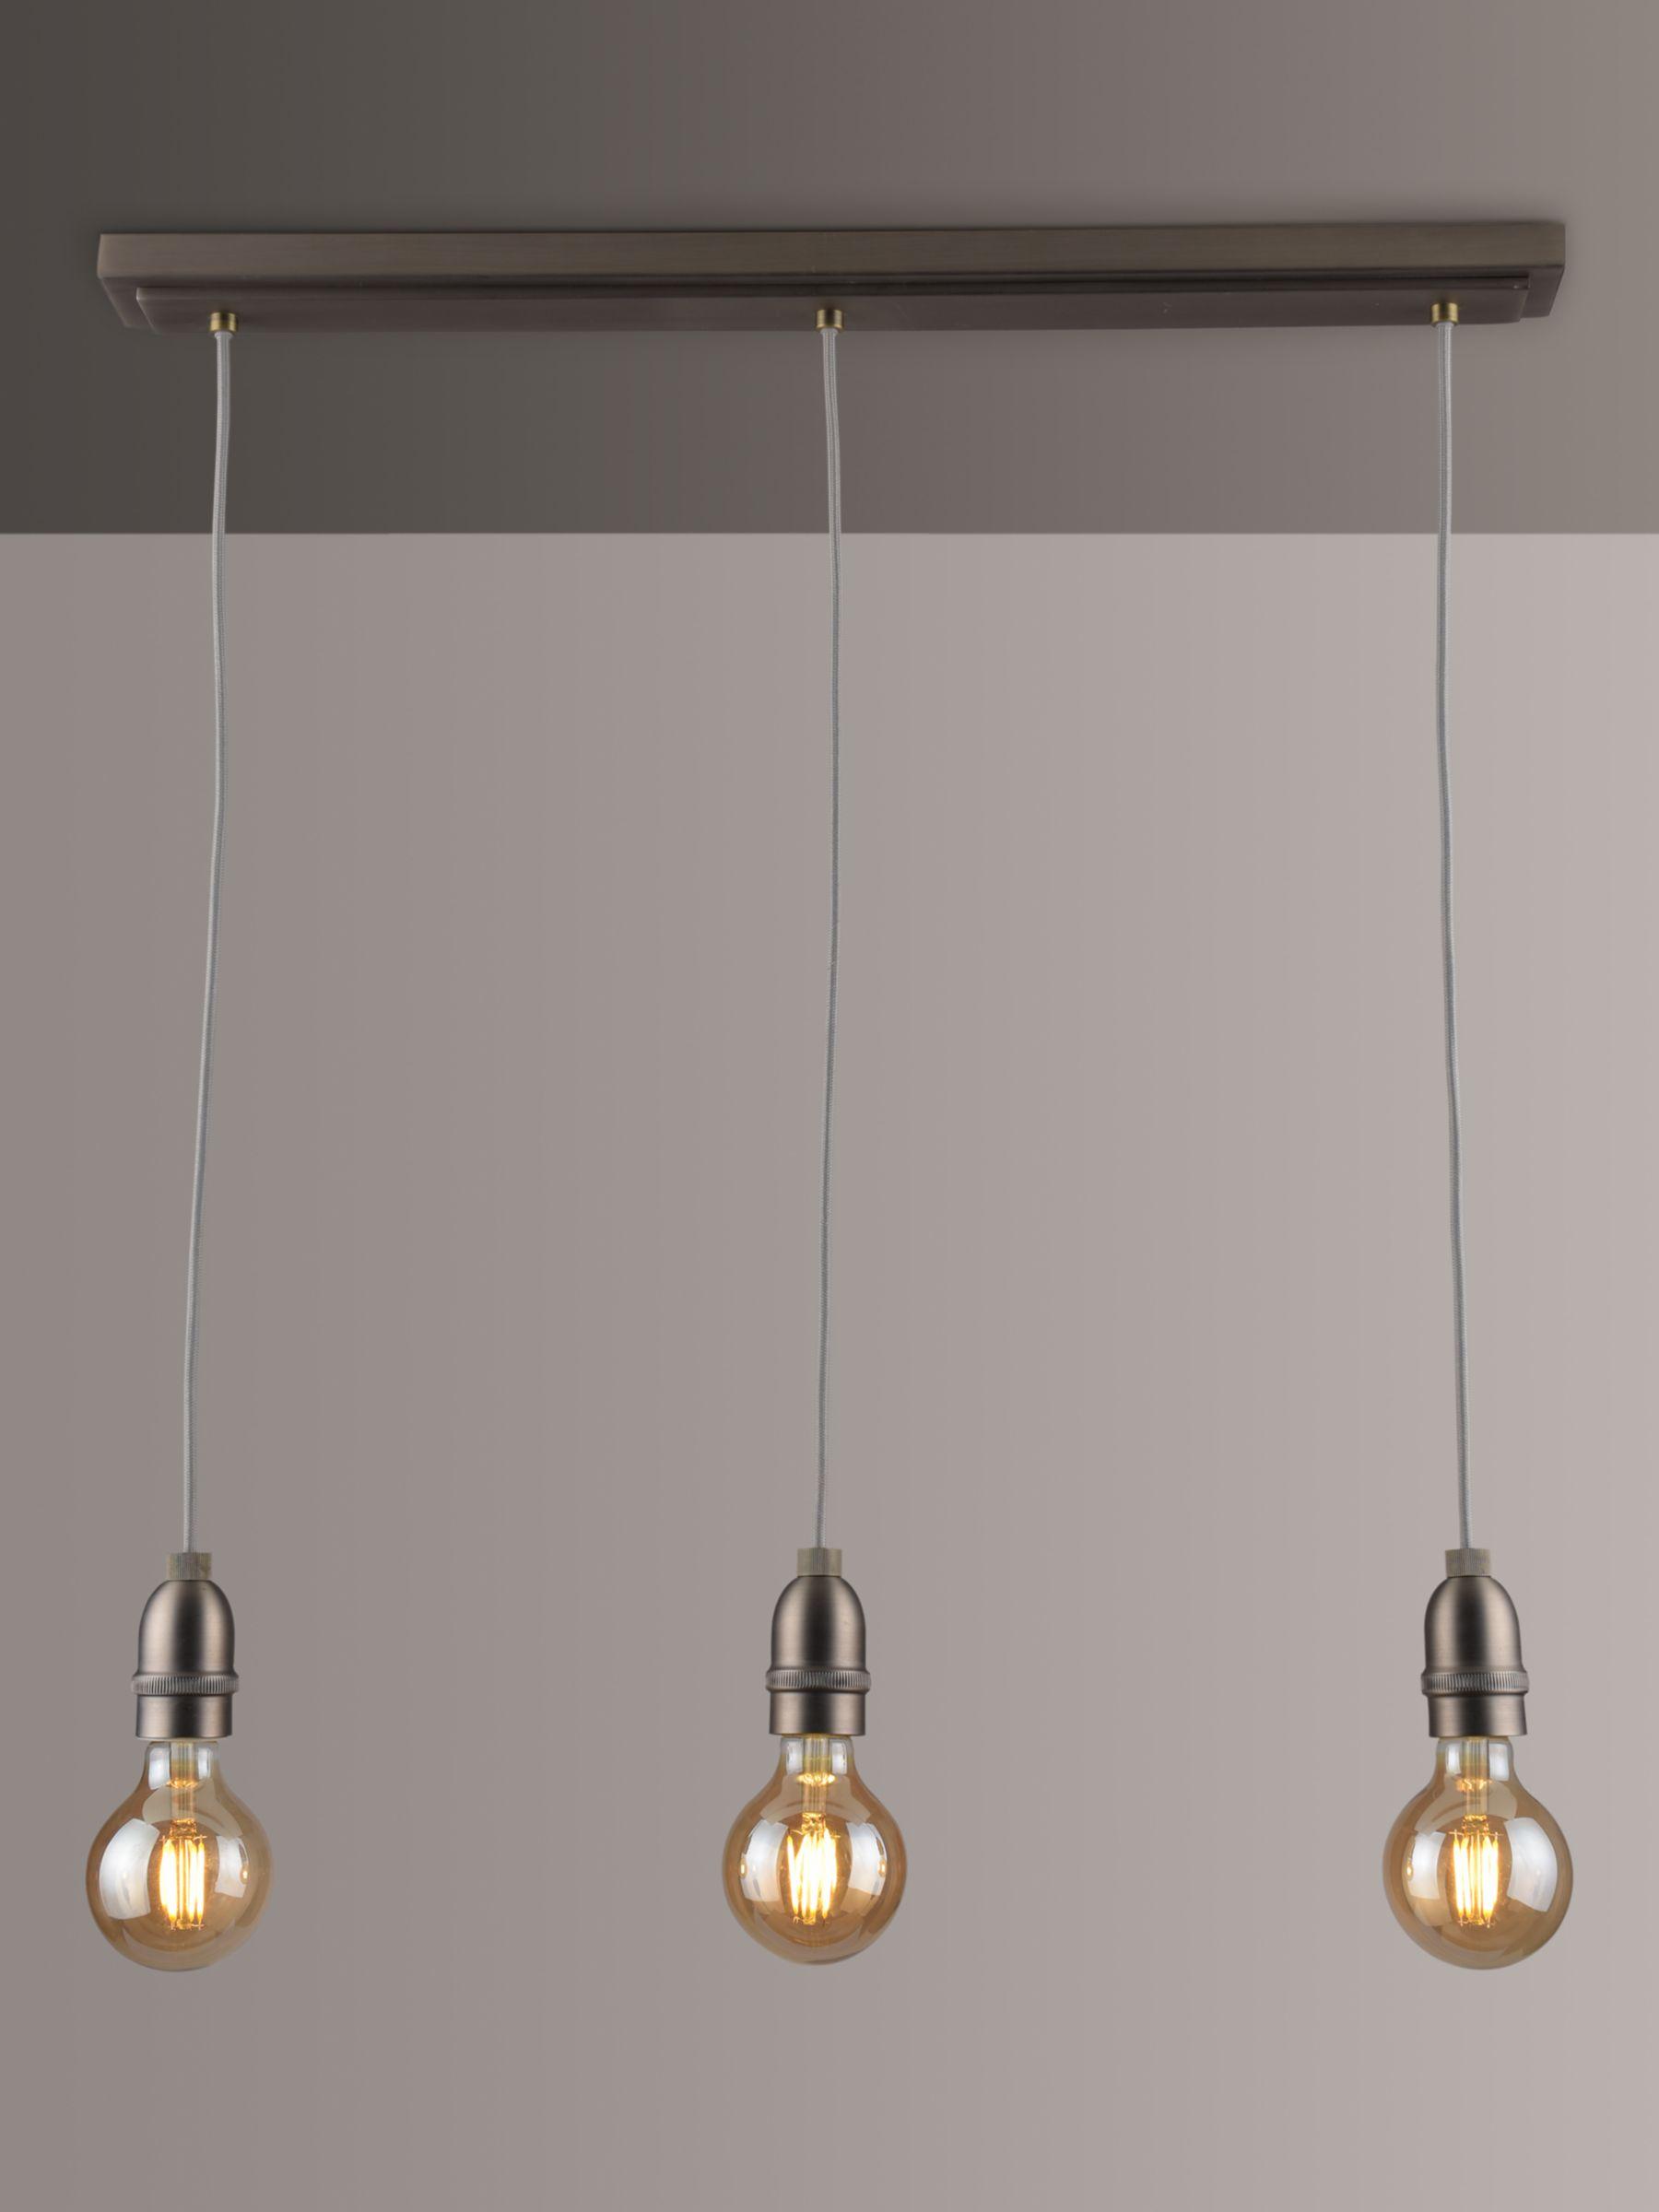 John Lewis & Partners Bistro Spoke 3 Pendant Diner Ceiling Light, Antique Pewter